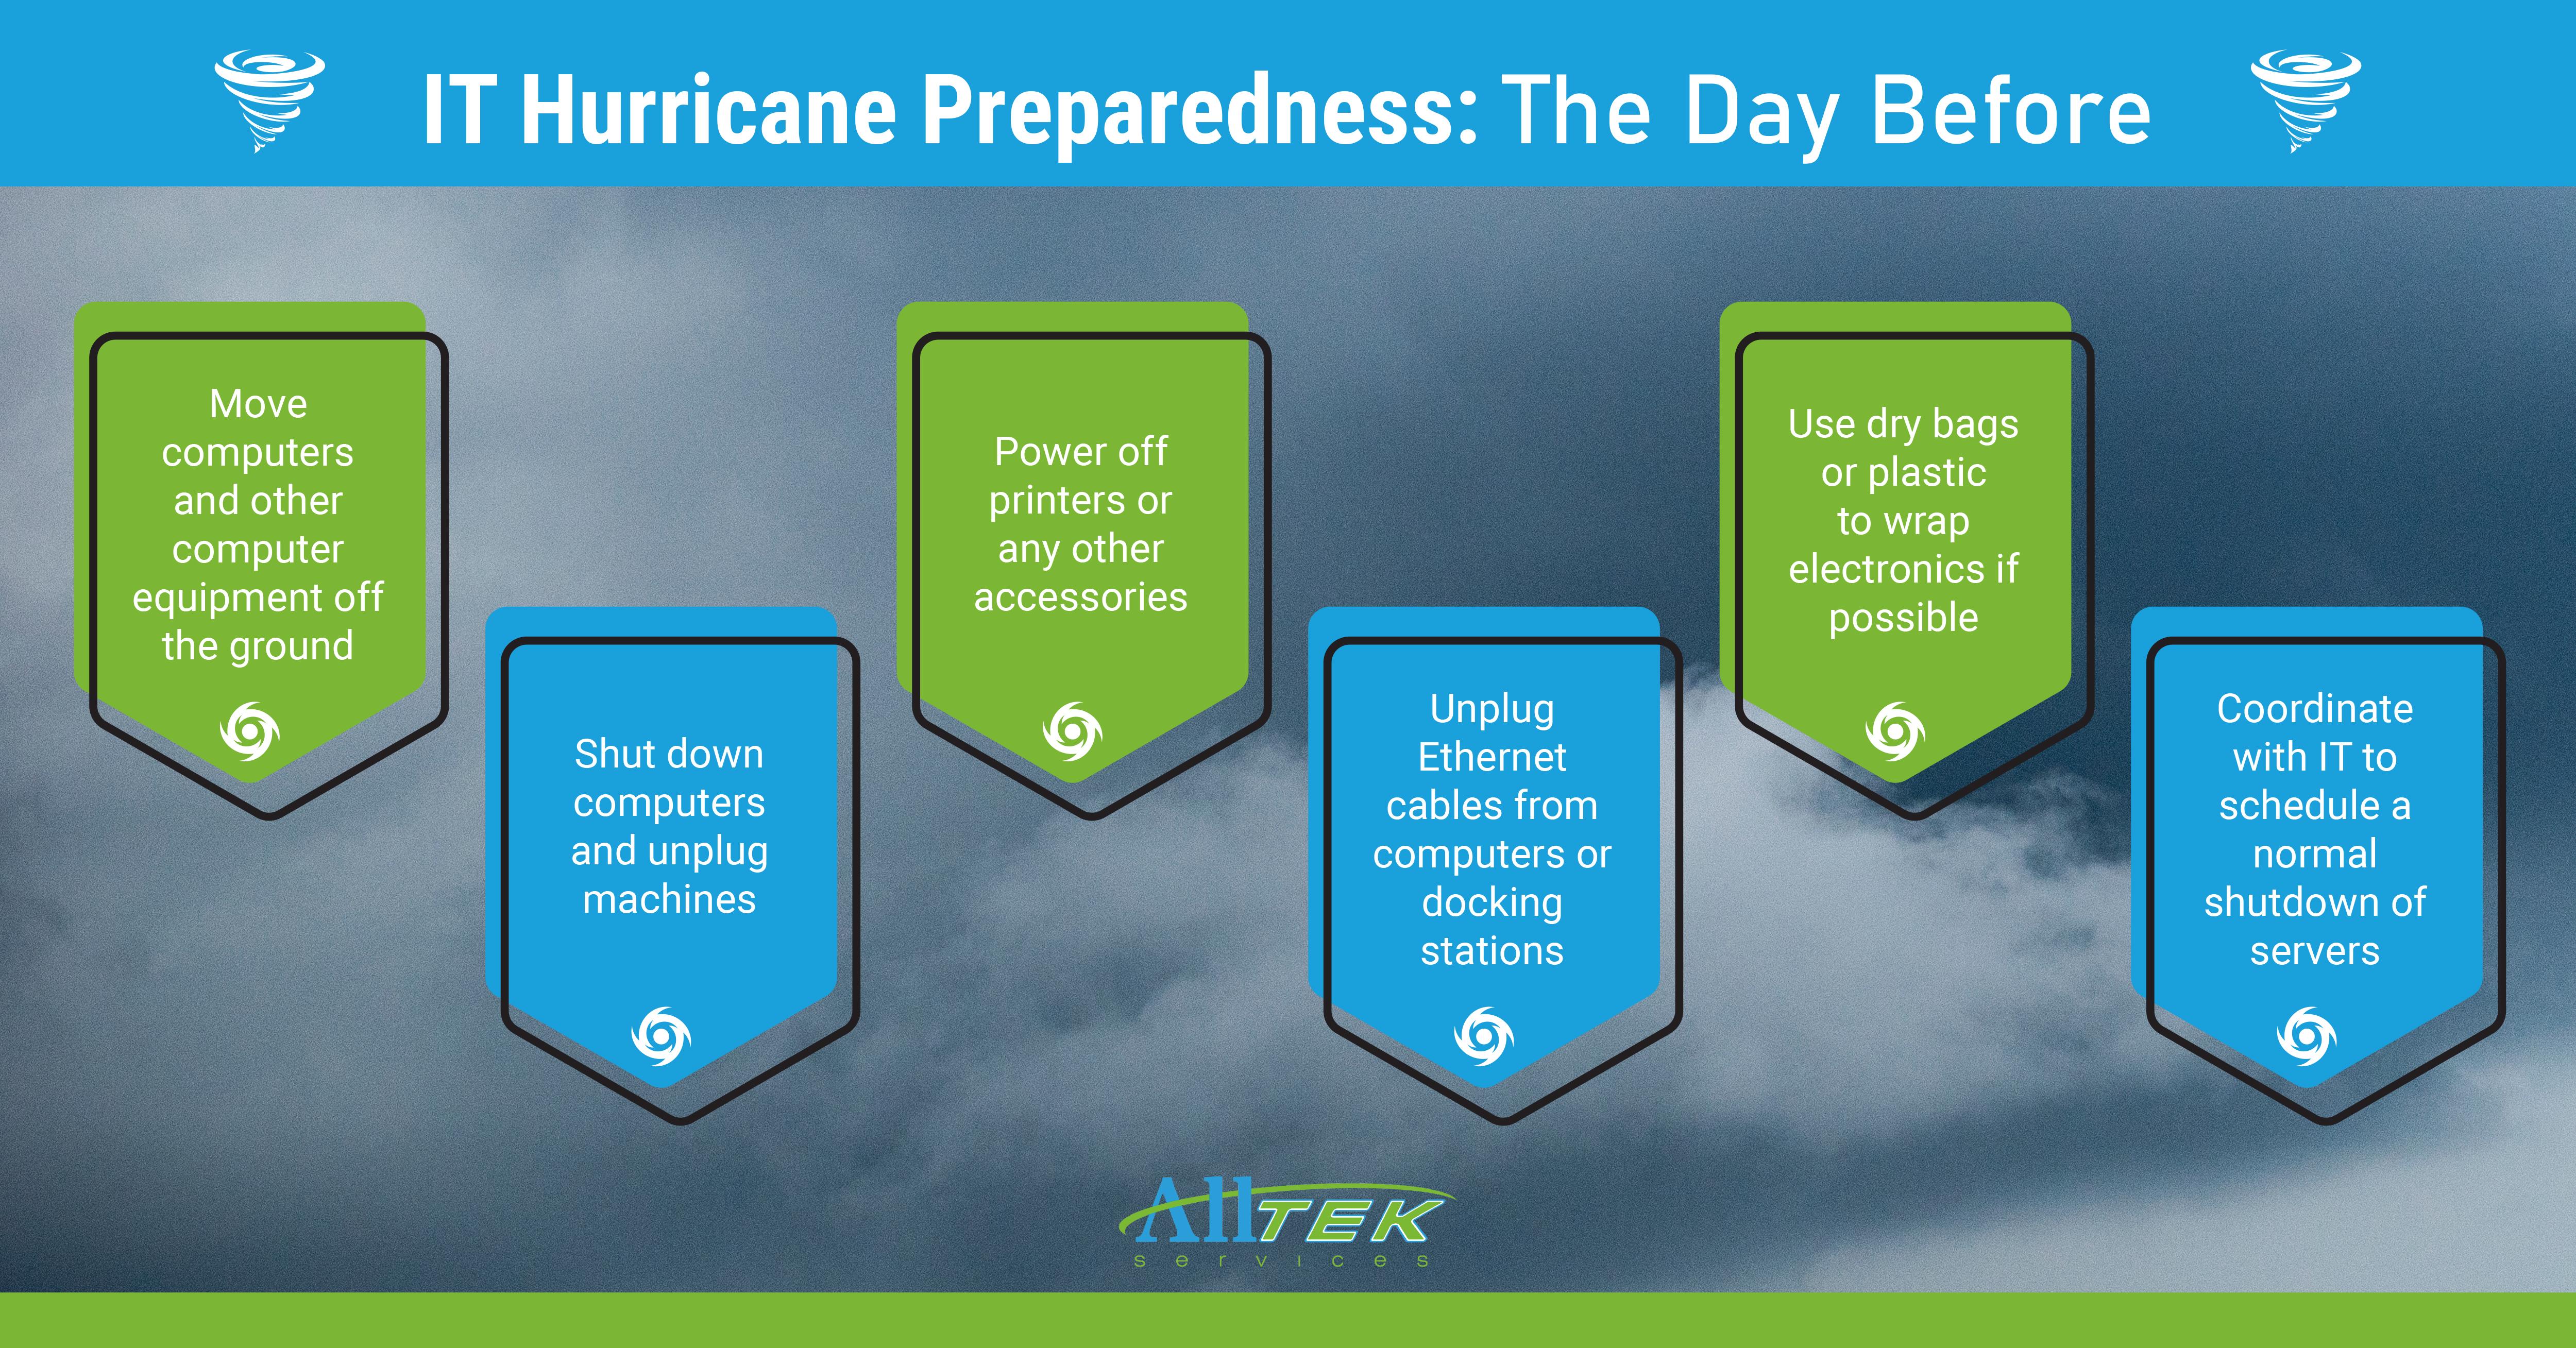 Hurricane Preparedness Tip